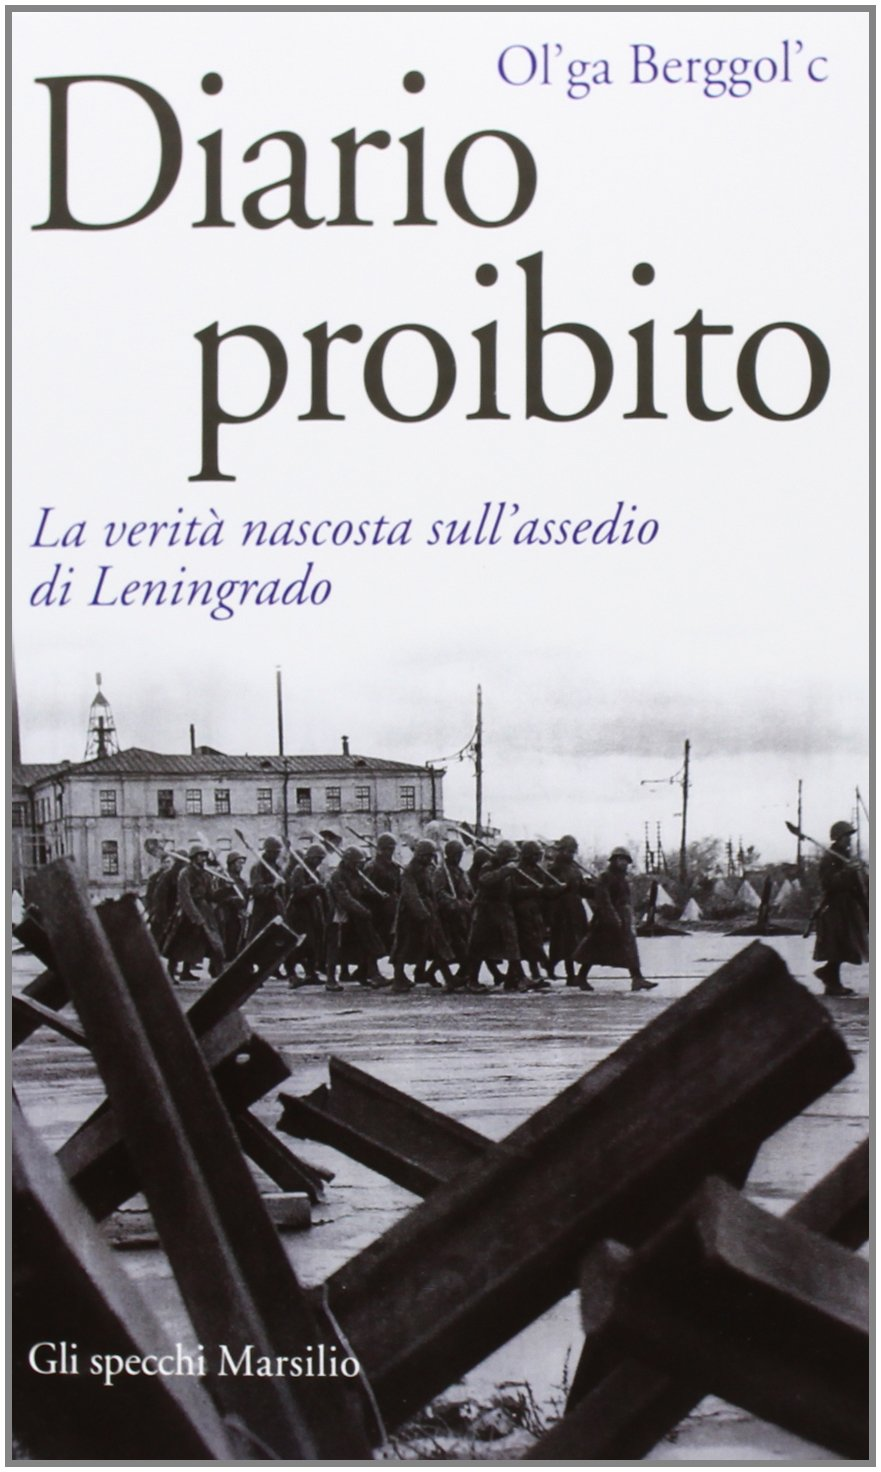 Diario proibito. La verità nascosta sull'assedio di Leningrado: Berggol'c,  Ol'ga: 9788831716246: Amazon.com: Books